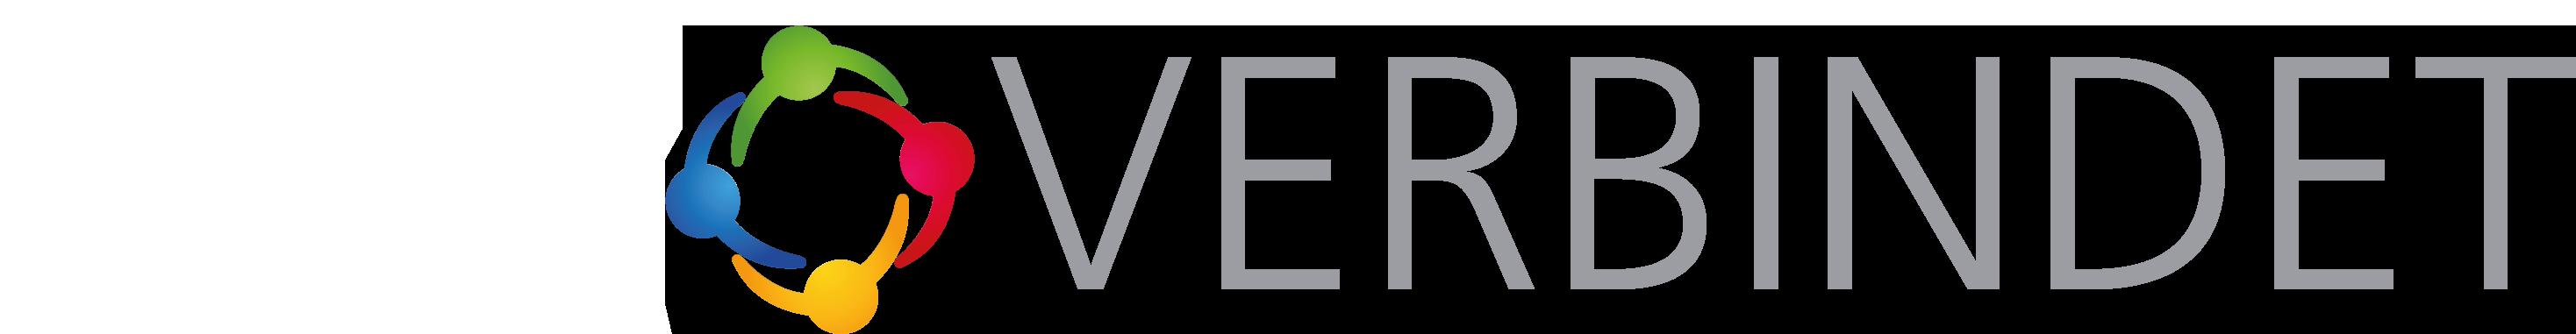 https://www.bbv-verbindet.de/wp-content/uploads/2020/03/Logo_BBV_verbindet_w.png